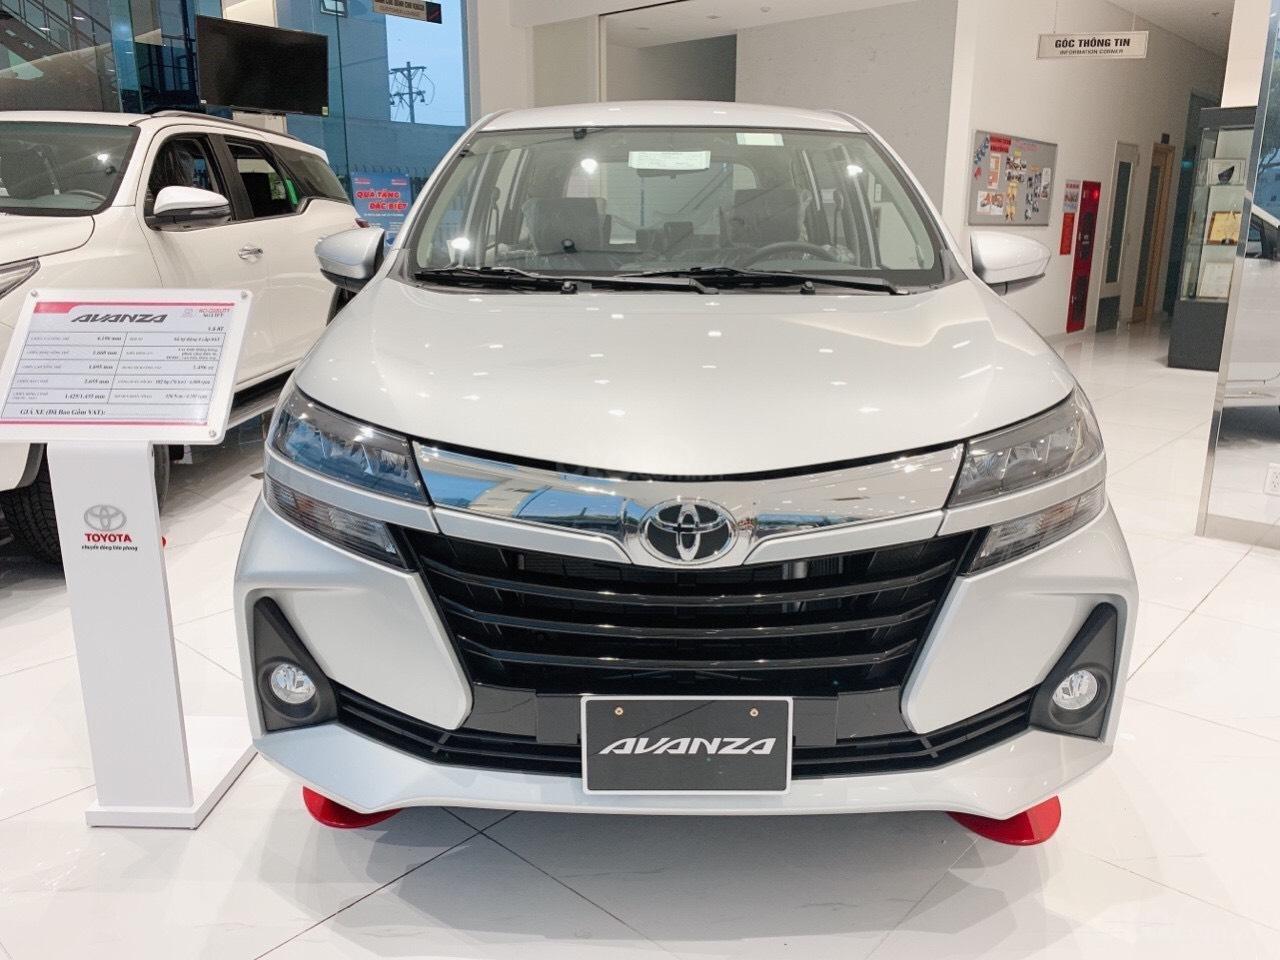 Toyota Hiroshima Tân Cảng - HT (13)